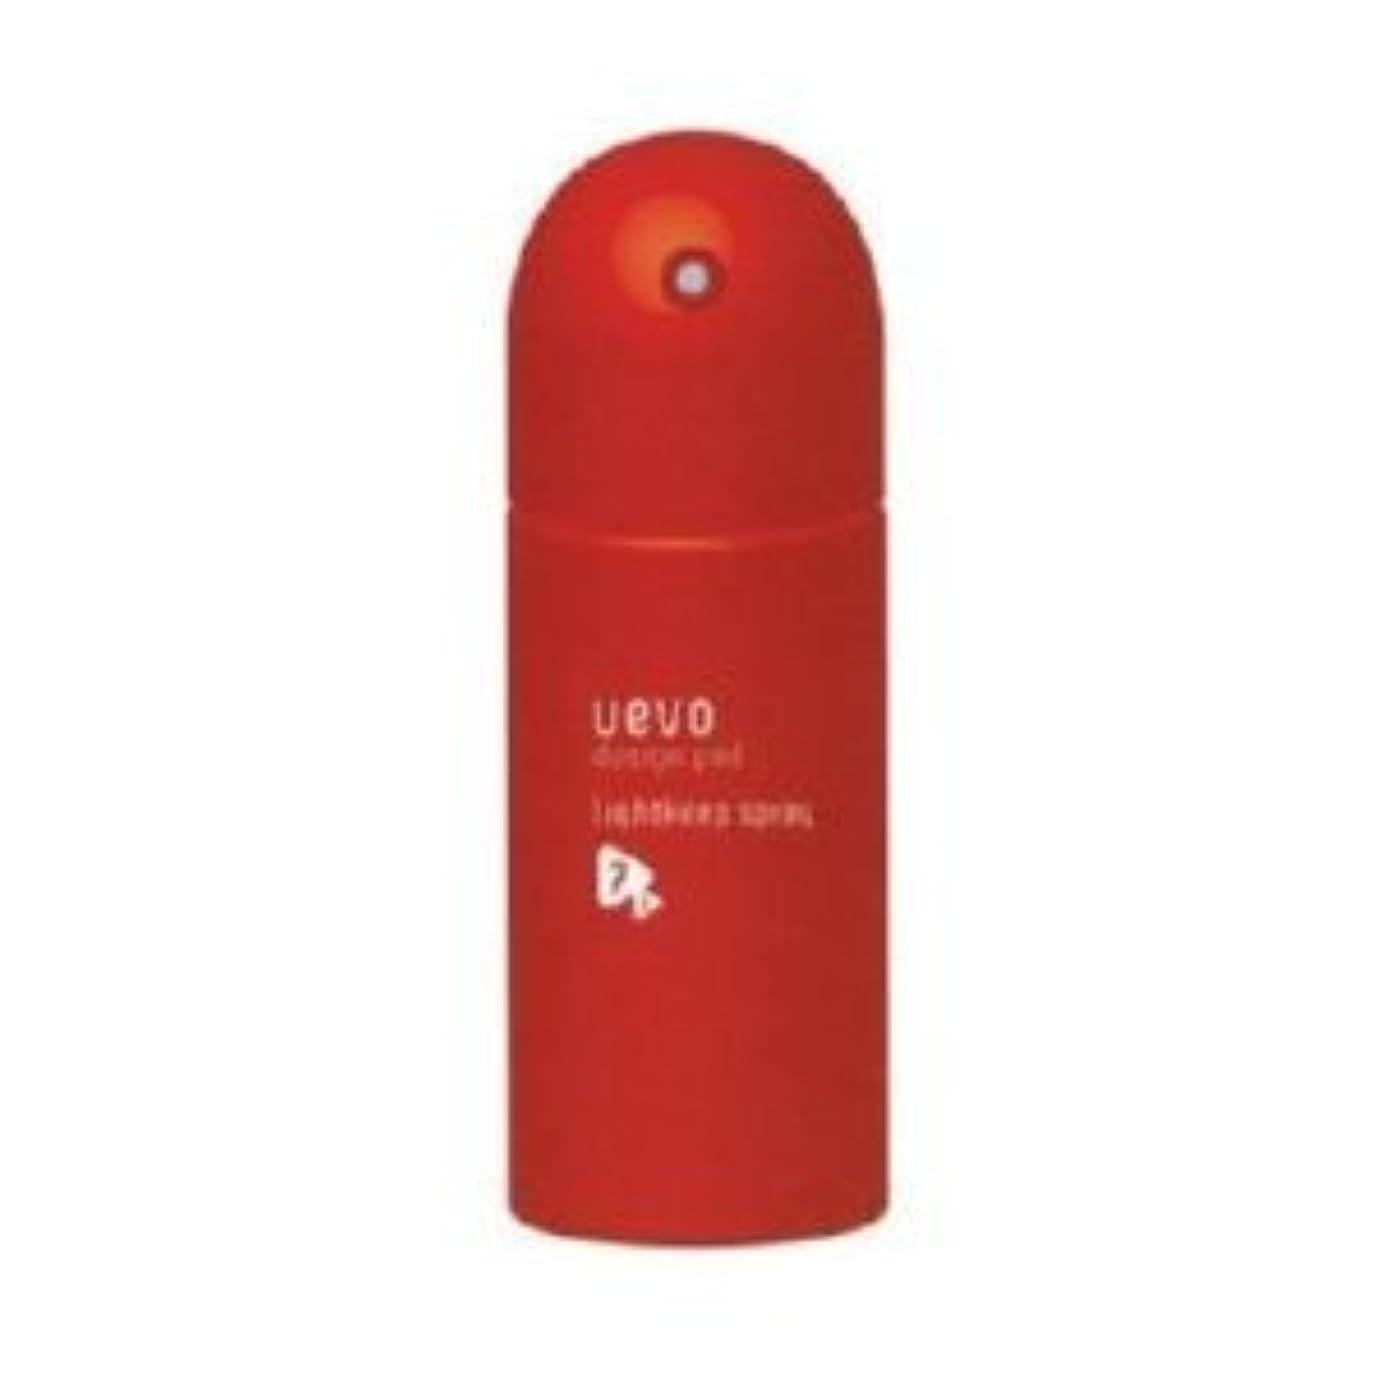 しないでください入口ハイブリッド【X5個セット】 デミ ウェーボ デザインポッド ライトキープスプレー 220ml lightkeep spray DEMI uevo design pod